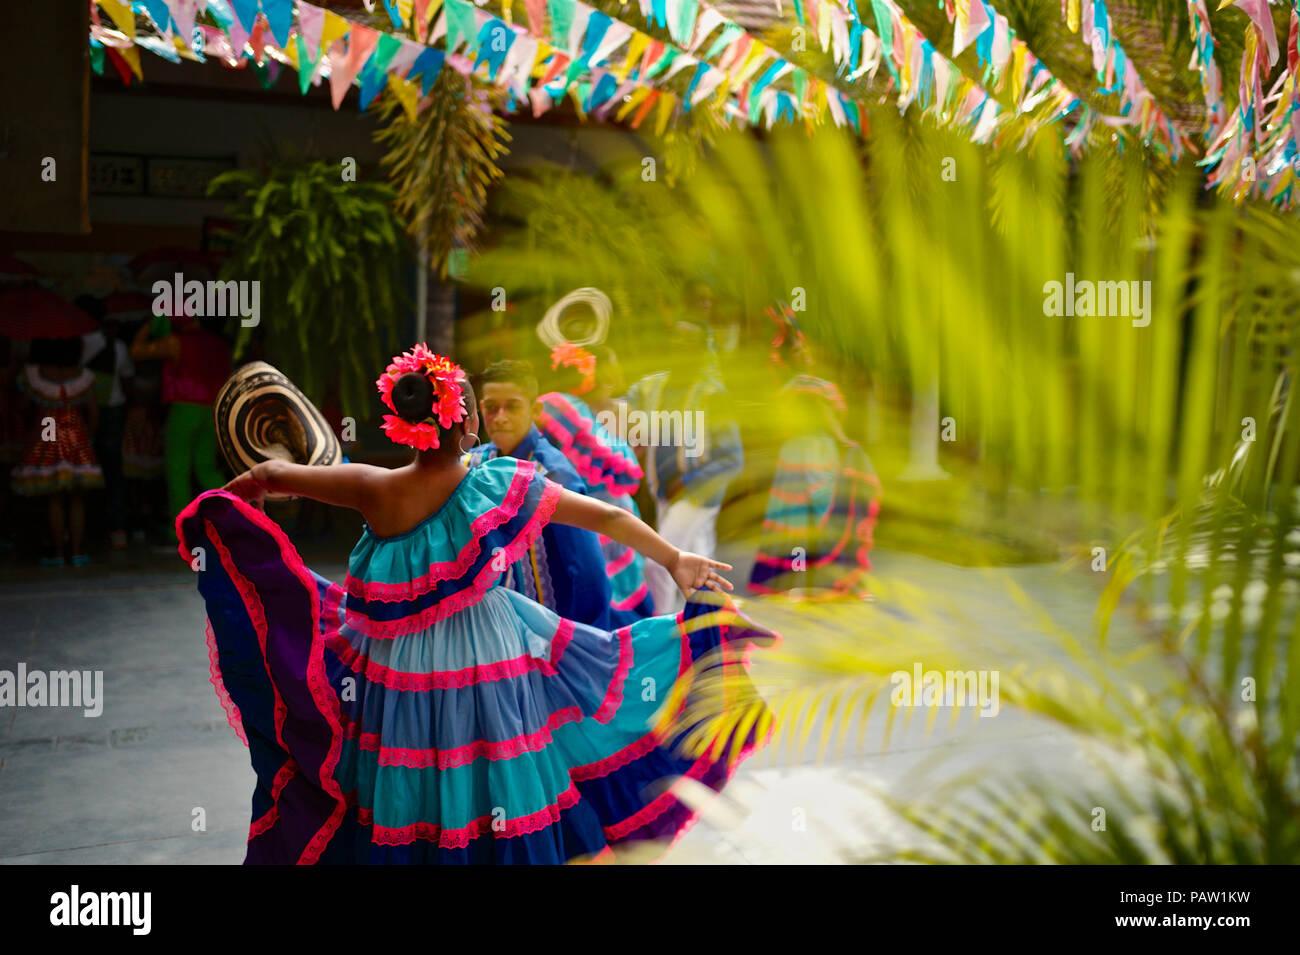 Grupo tradicional disfrazados que representan los múltiples estilos de danza presentes en el Caribe Colombiano Foto de stock